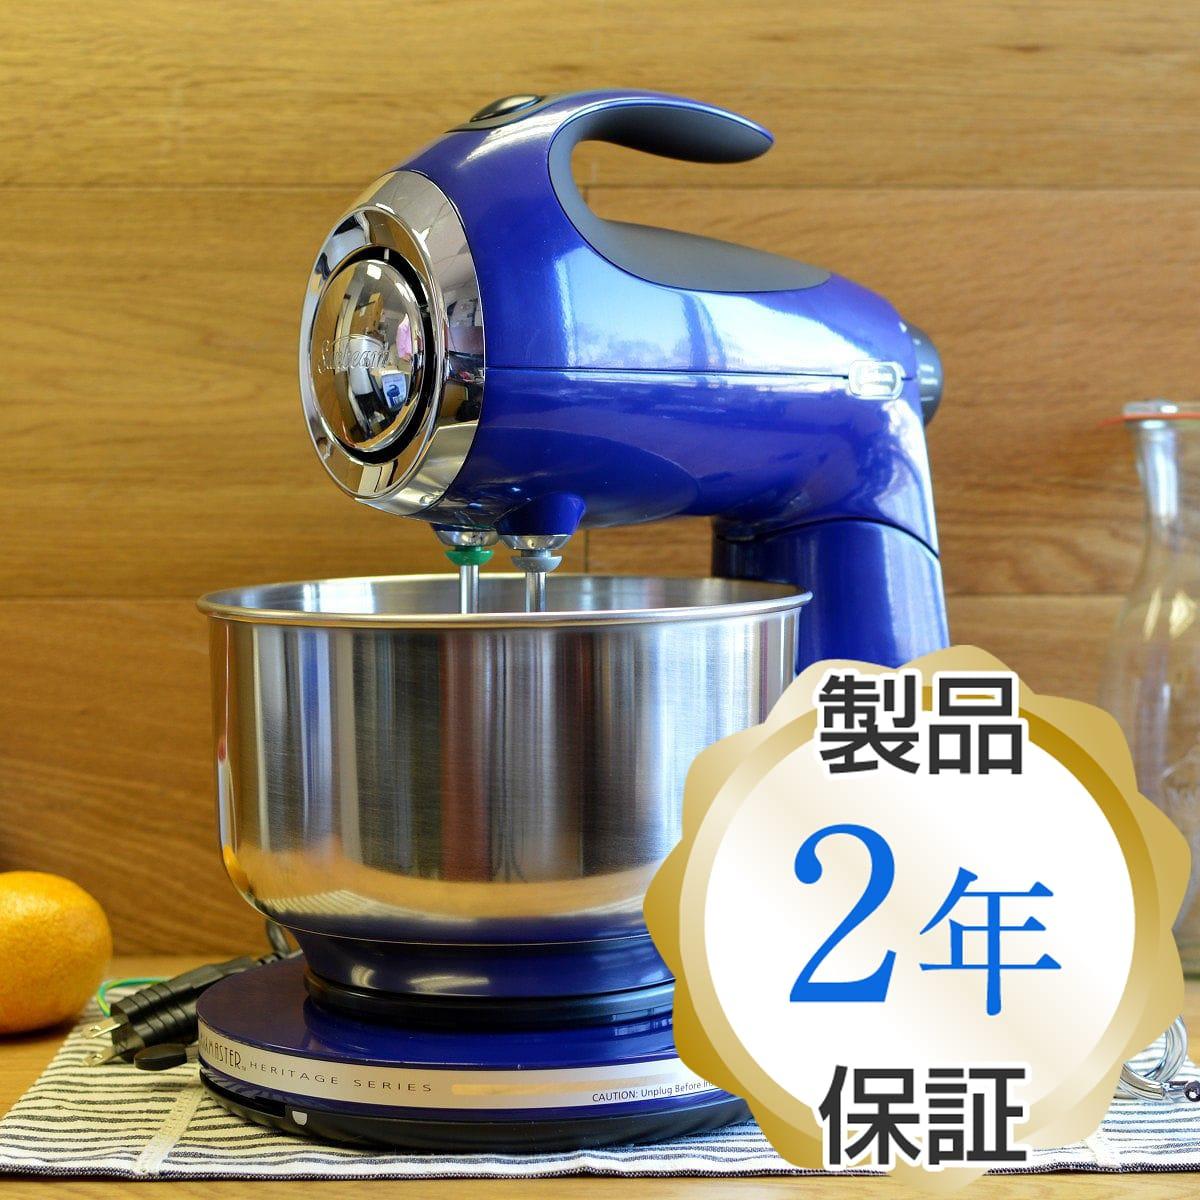 サンビーム ヘリテージ シリーズ 350ワット スタンドミキサー インディゴブルー 特殊メイクにも Sunbeam Heritage Series 350-Watt Stand Mixer Indigo Blue FPSBSM210B 家電